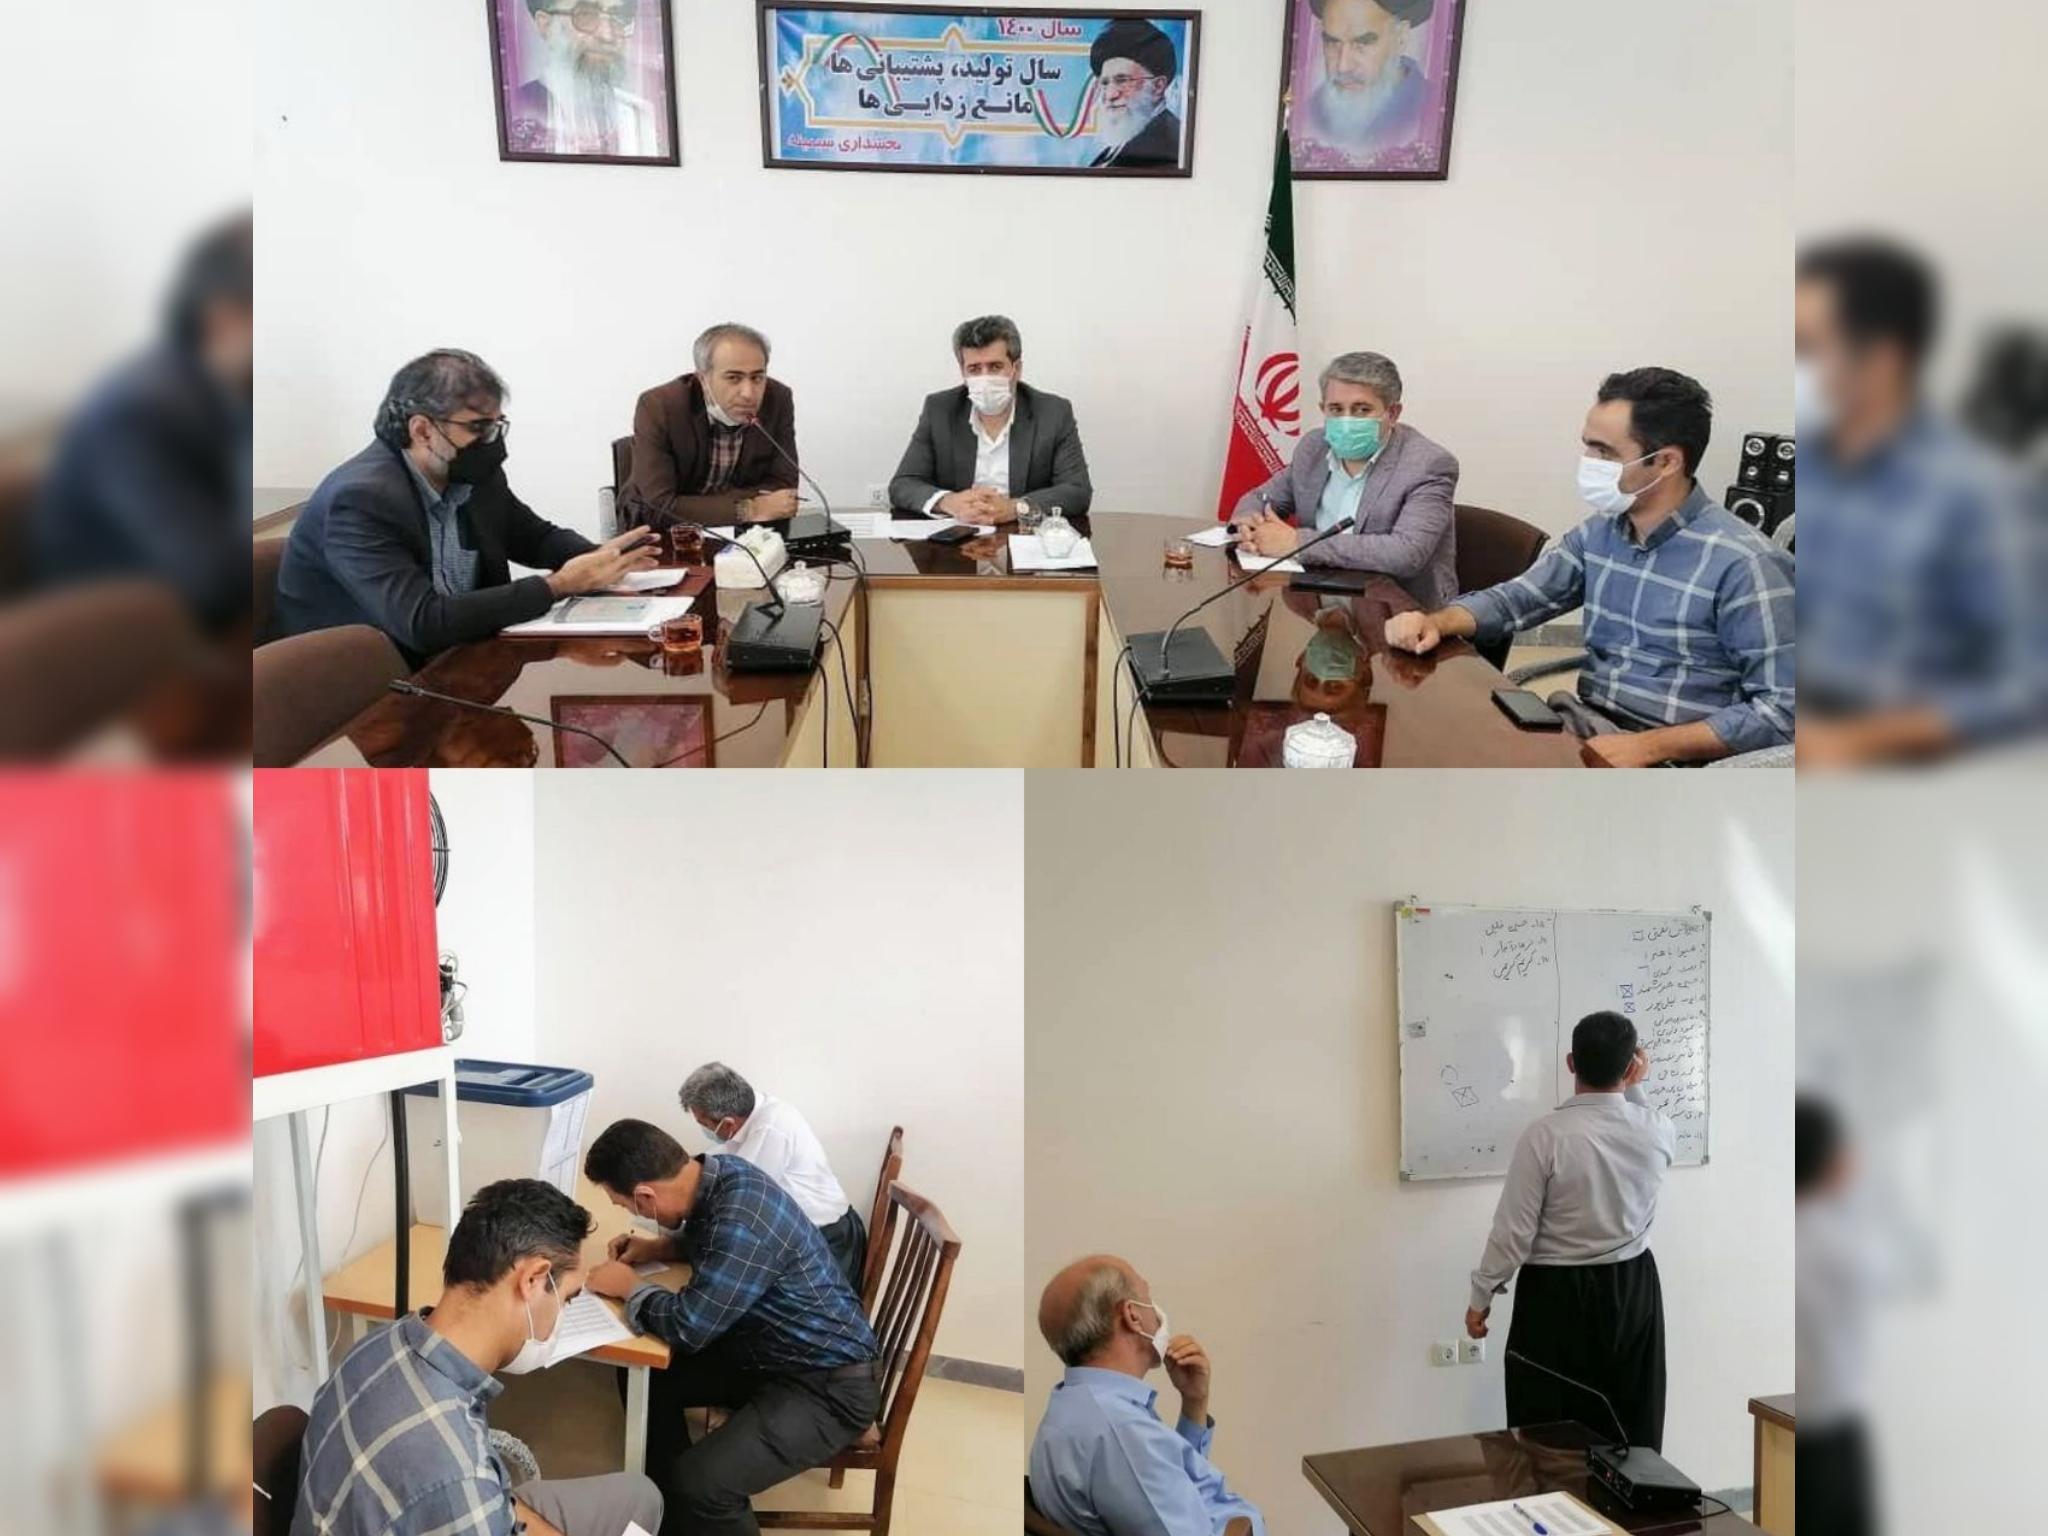 انتخابات شورای اسلامی بخش سیمینه برگزار شد